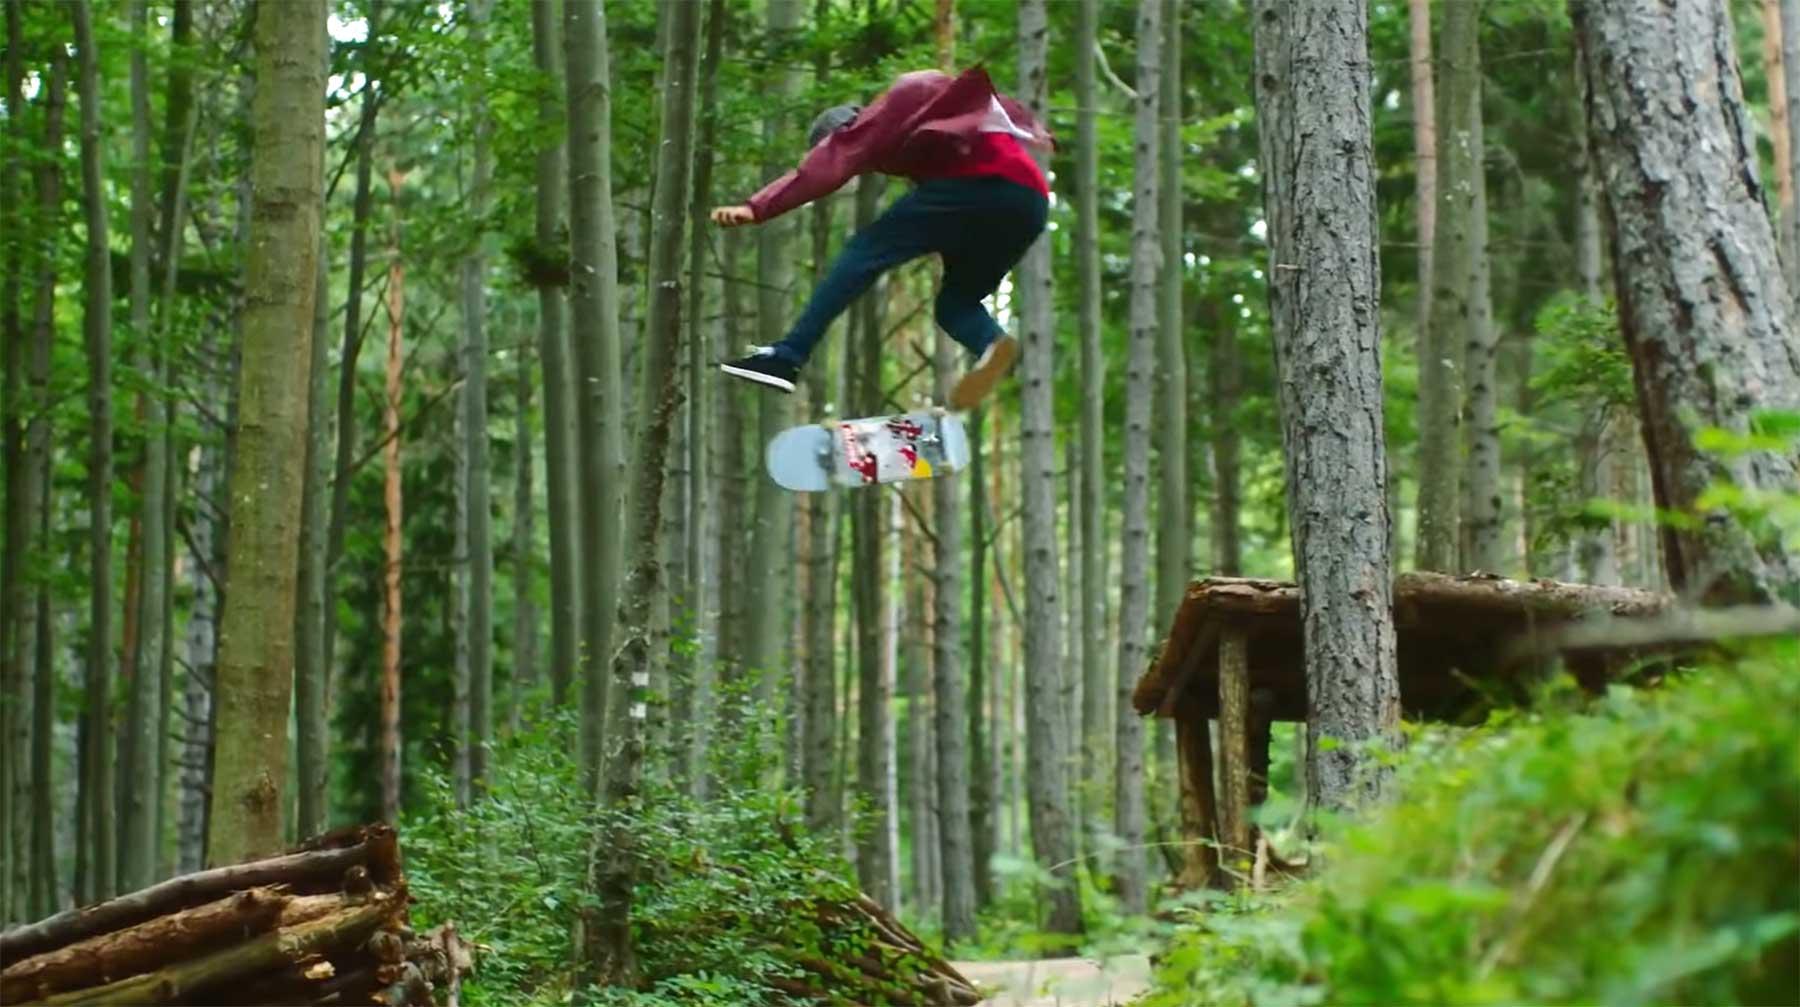 Skateboarding im Wald wheels-on-woods-red-bull-skateboarding-video-wald